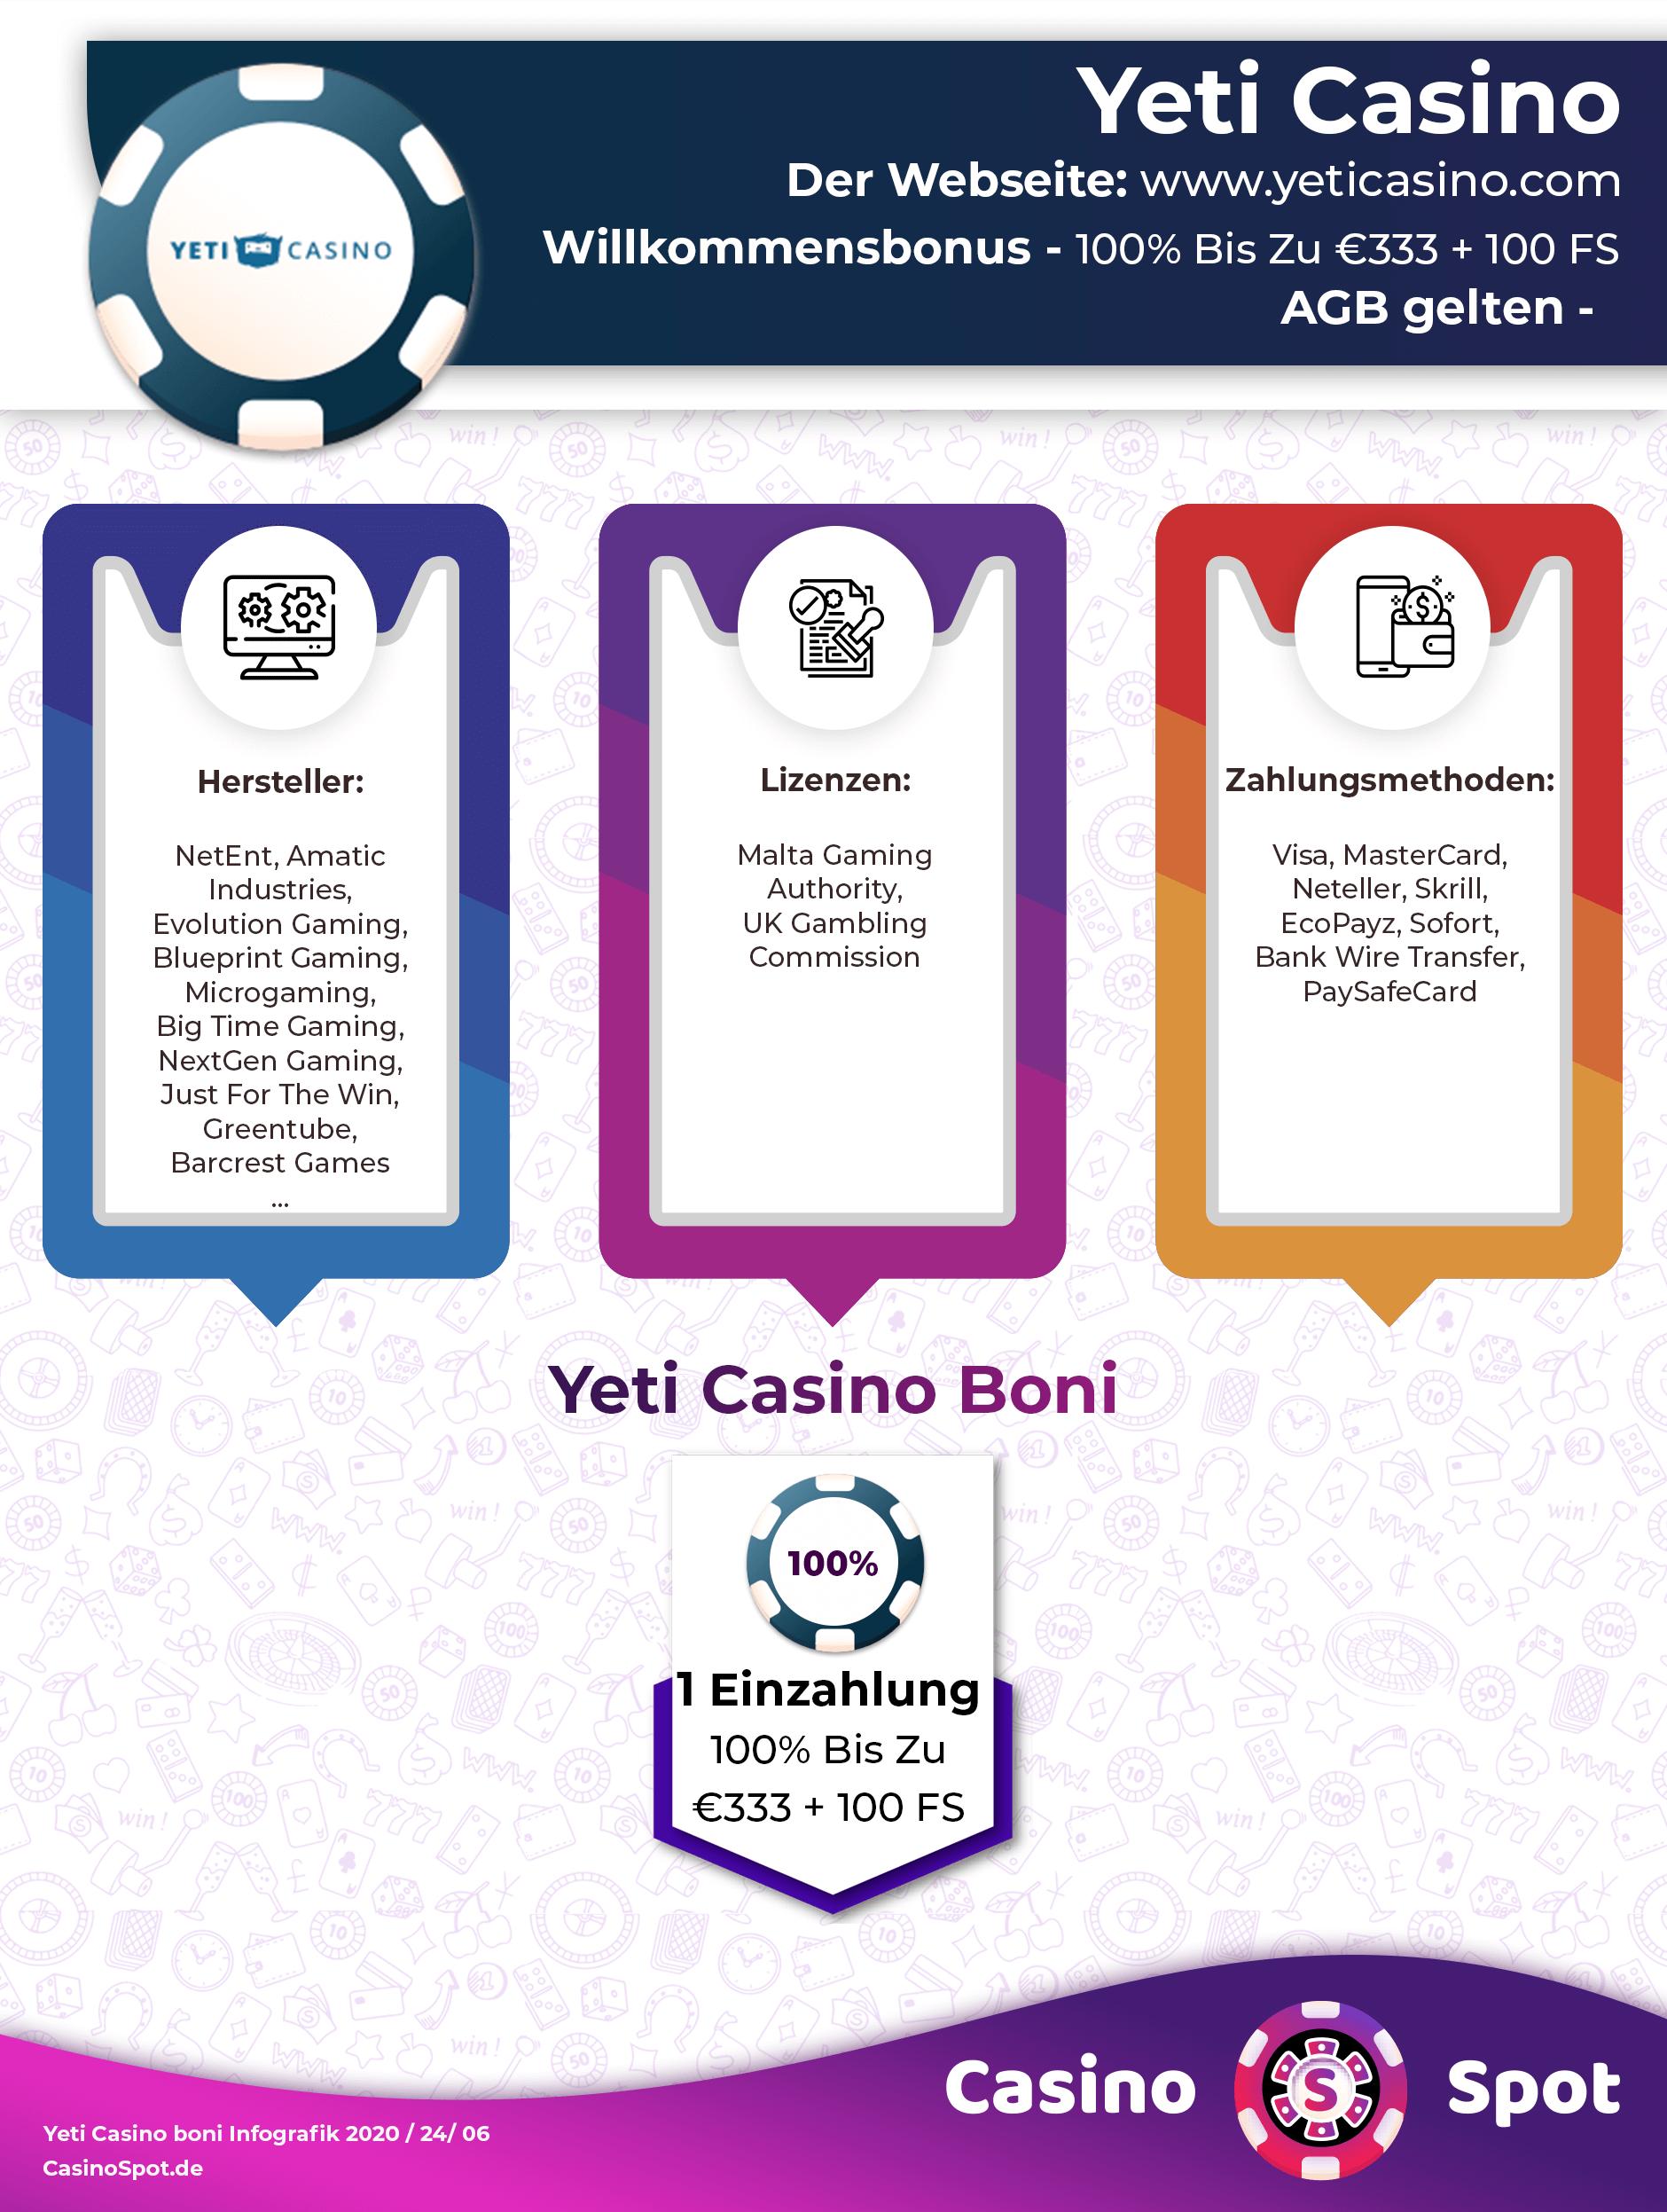 Yeti Casino Bonus Codes 2021